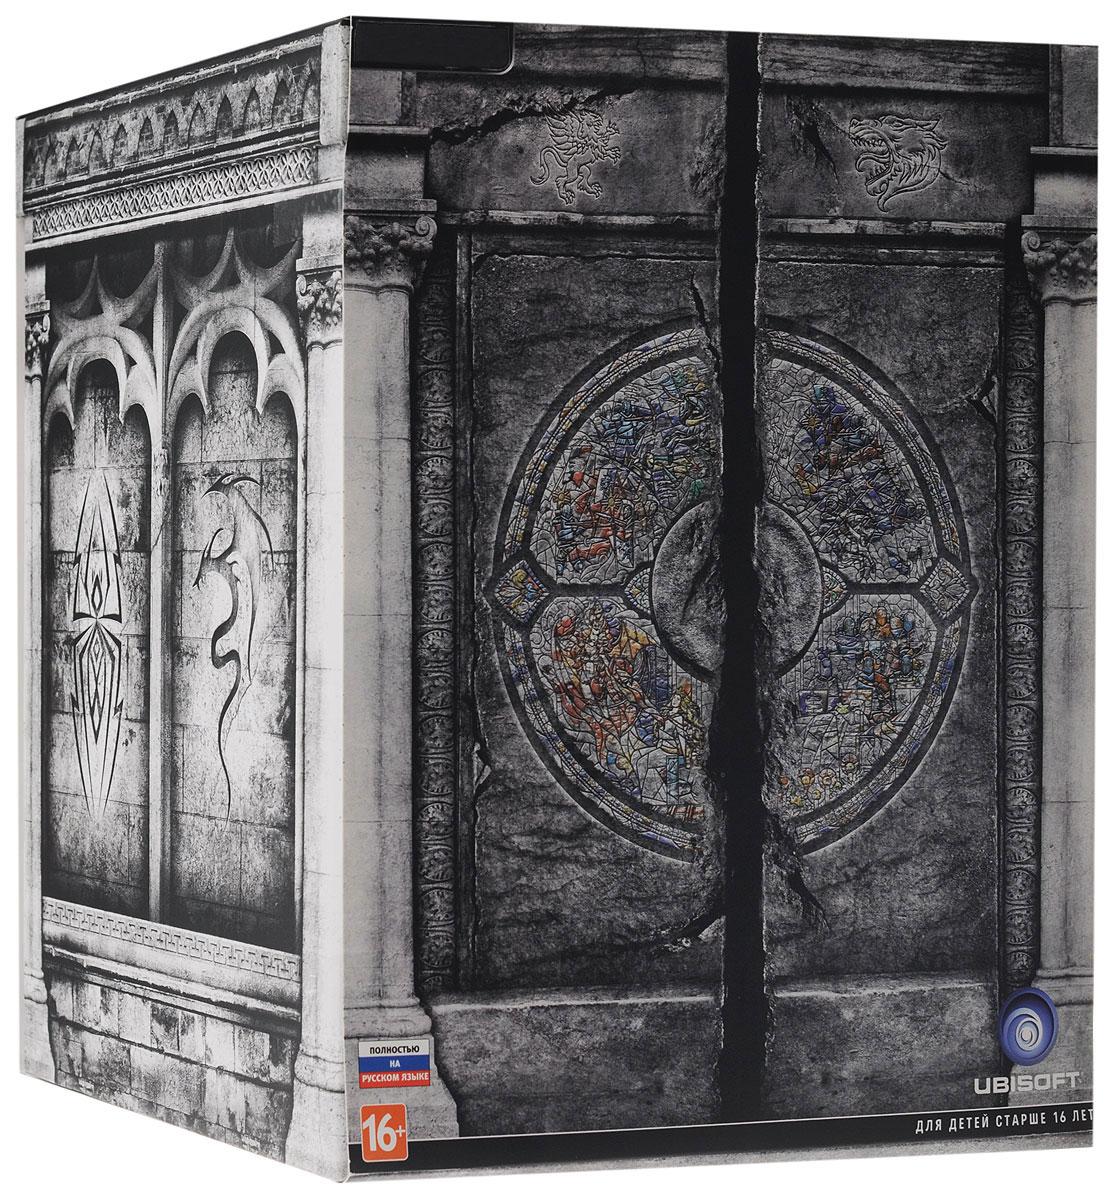 Меч и Магия. Герои VII. Коллекционное издание (без игрового диска)